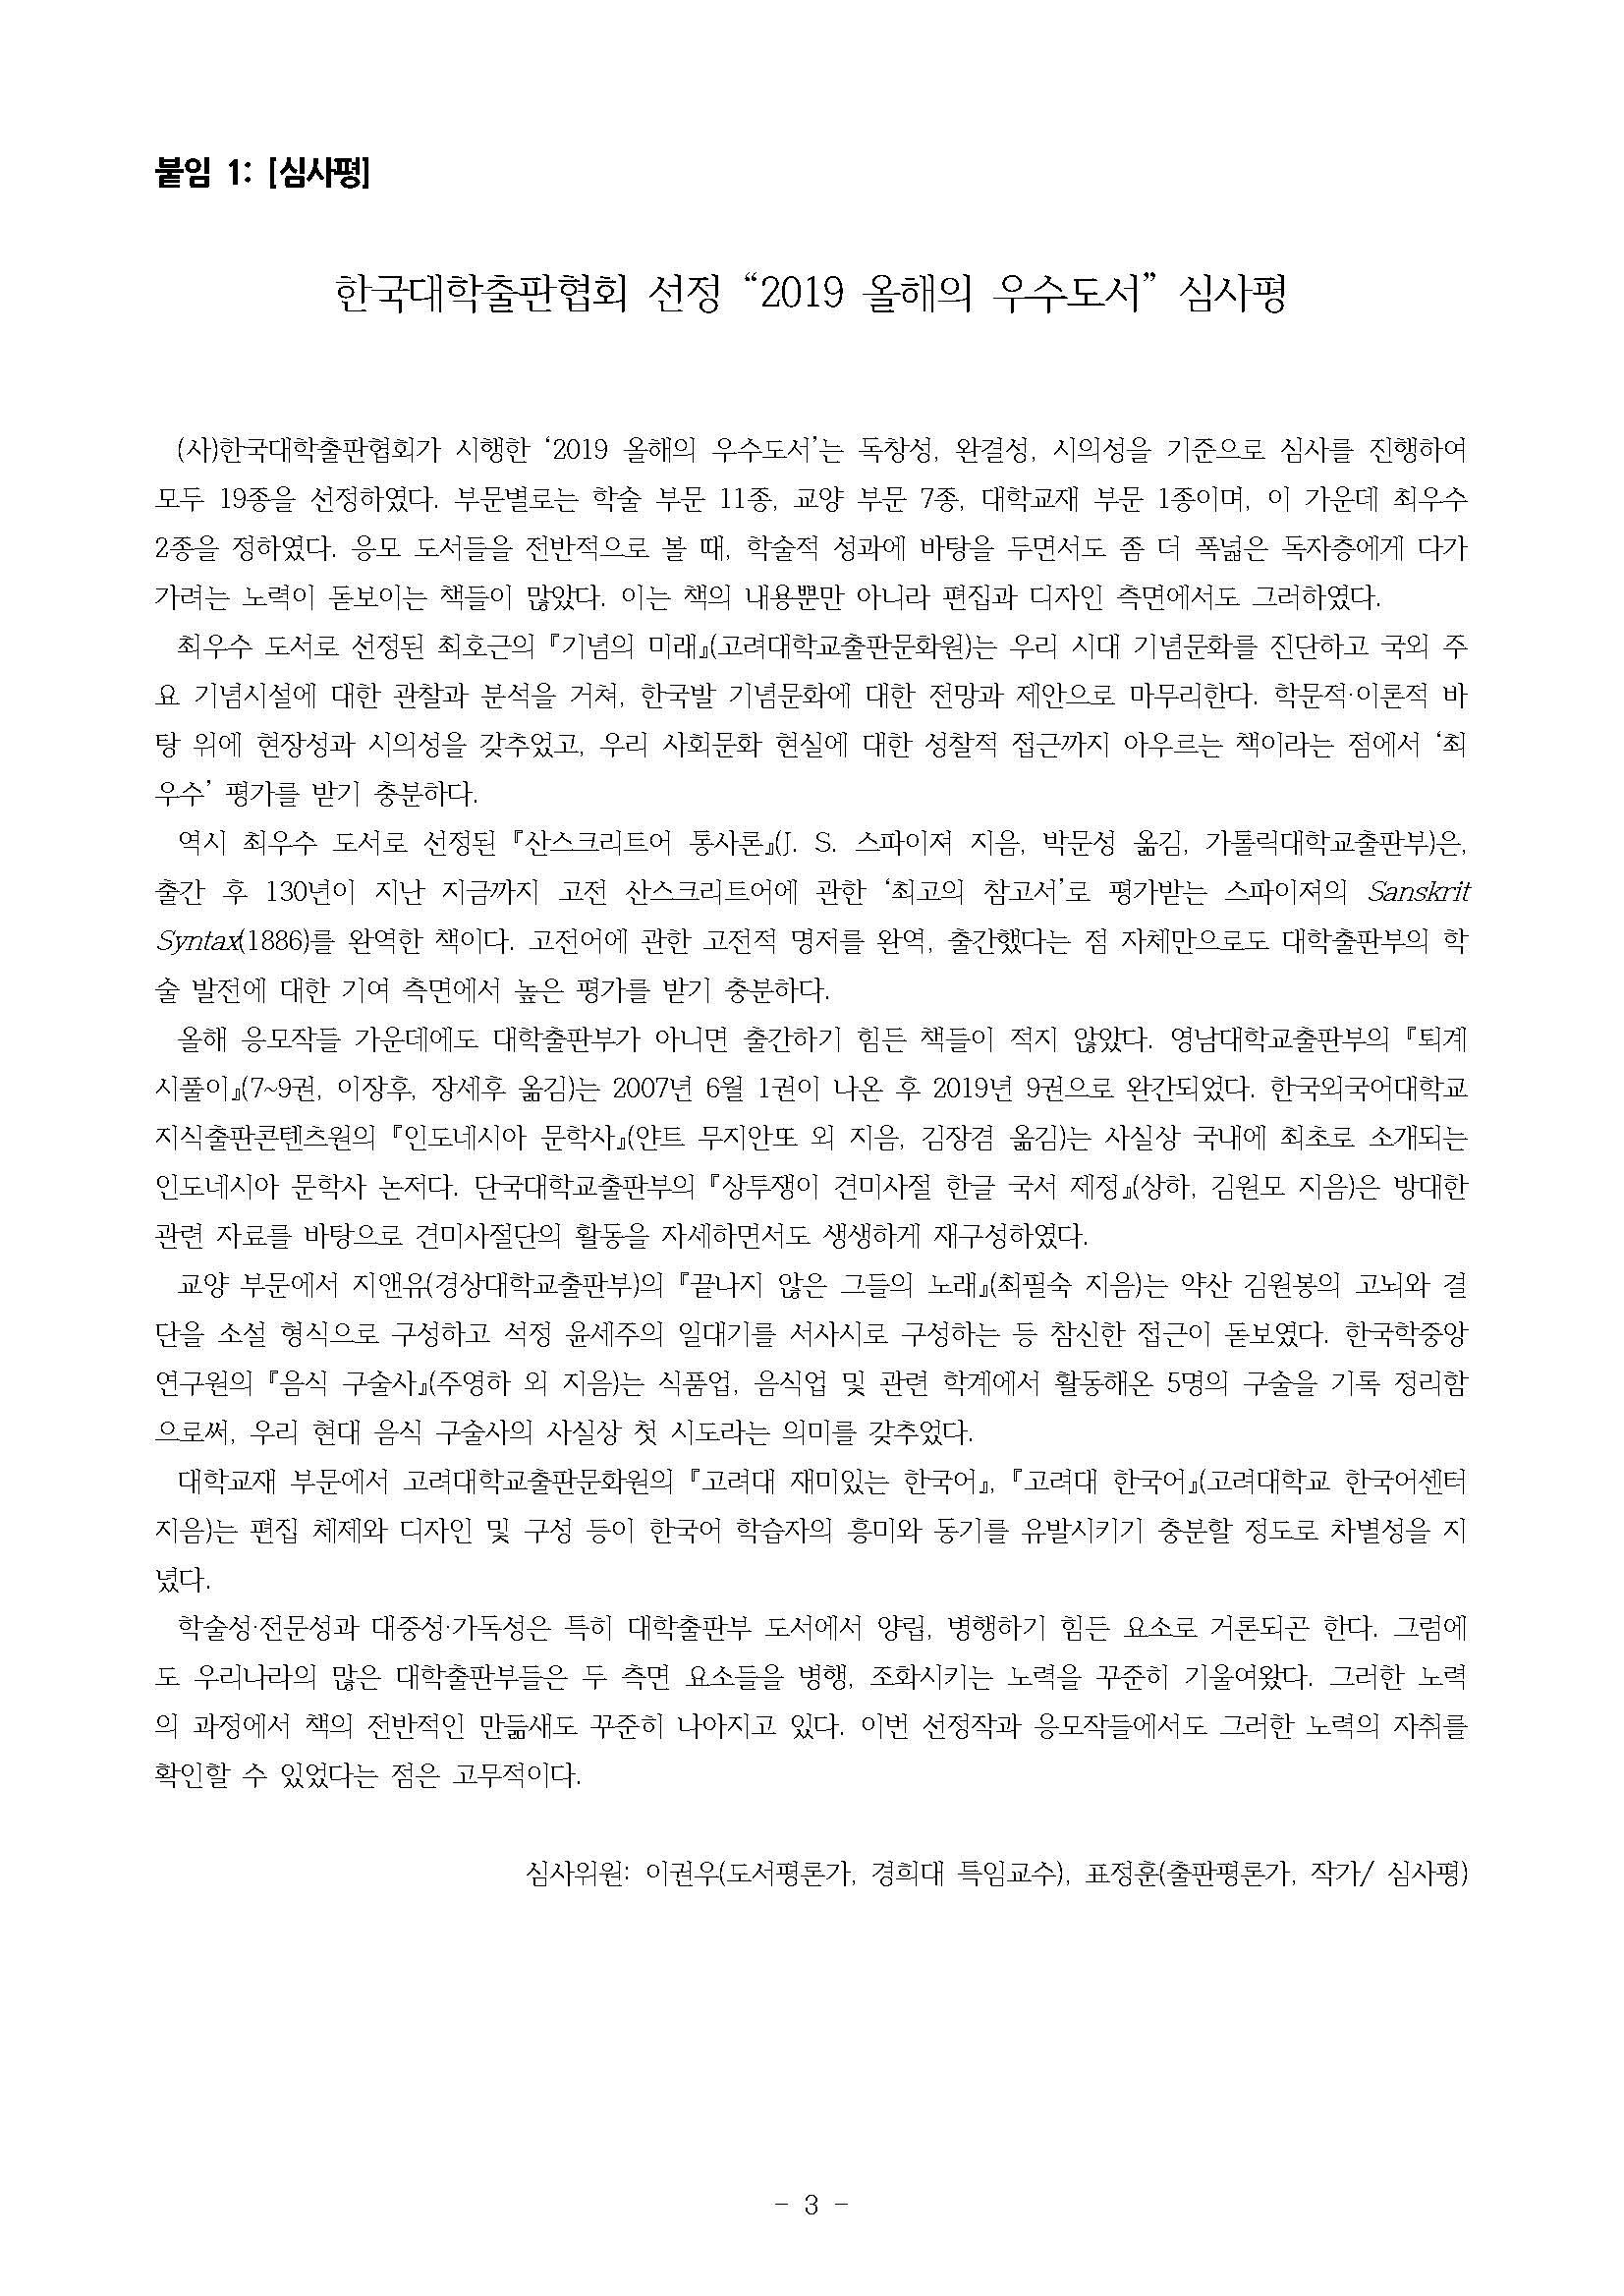 한국대학출판협회 2019 올해의 우수도서 선정 결과 알림(업로드용)_페이지_1.jpg